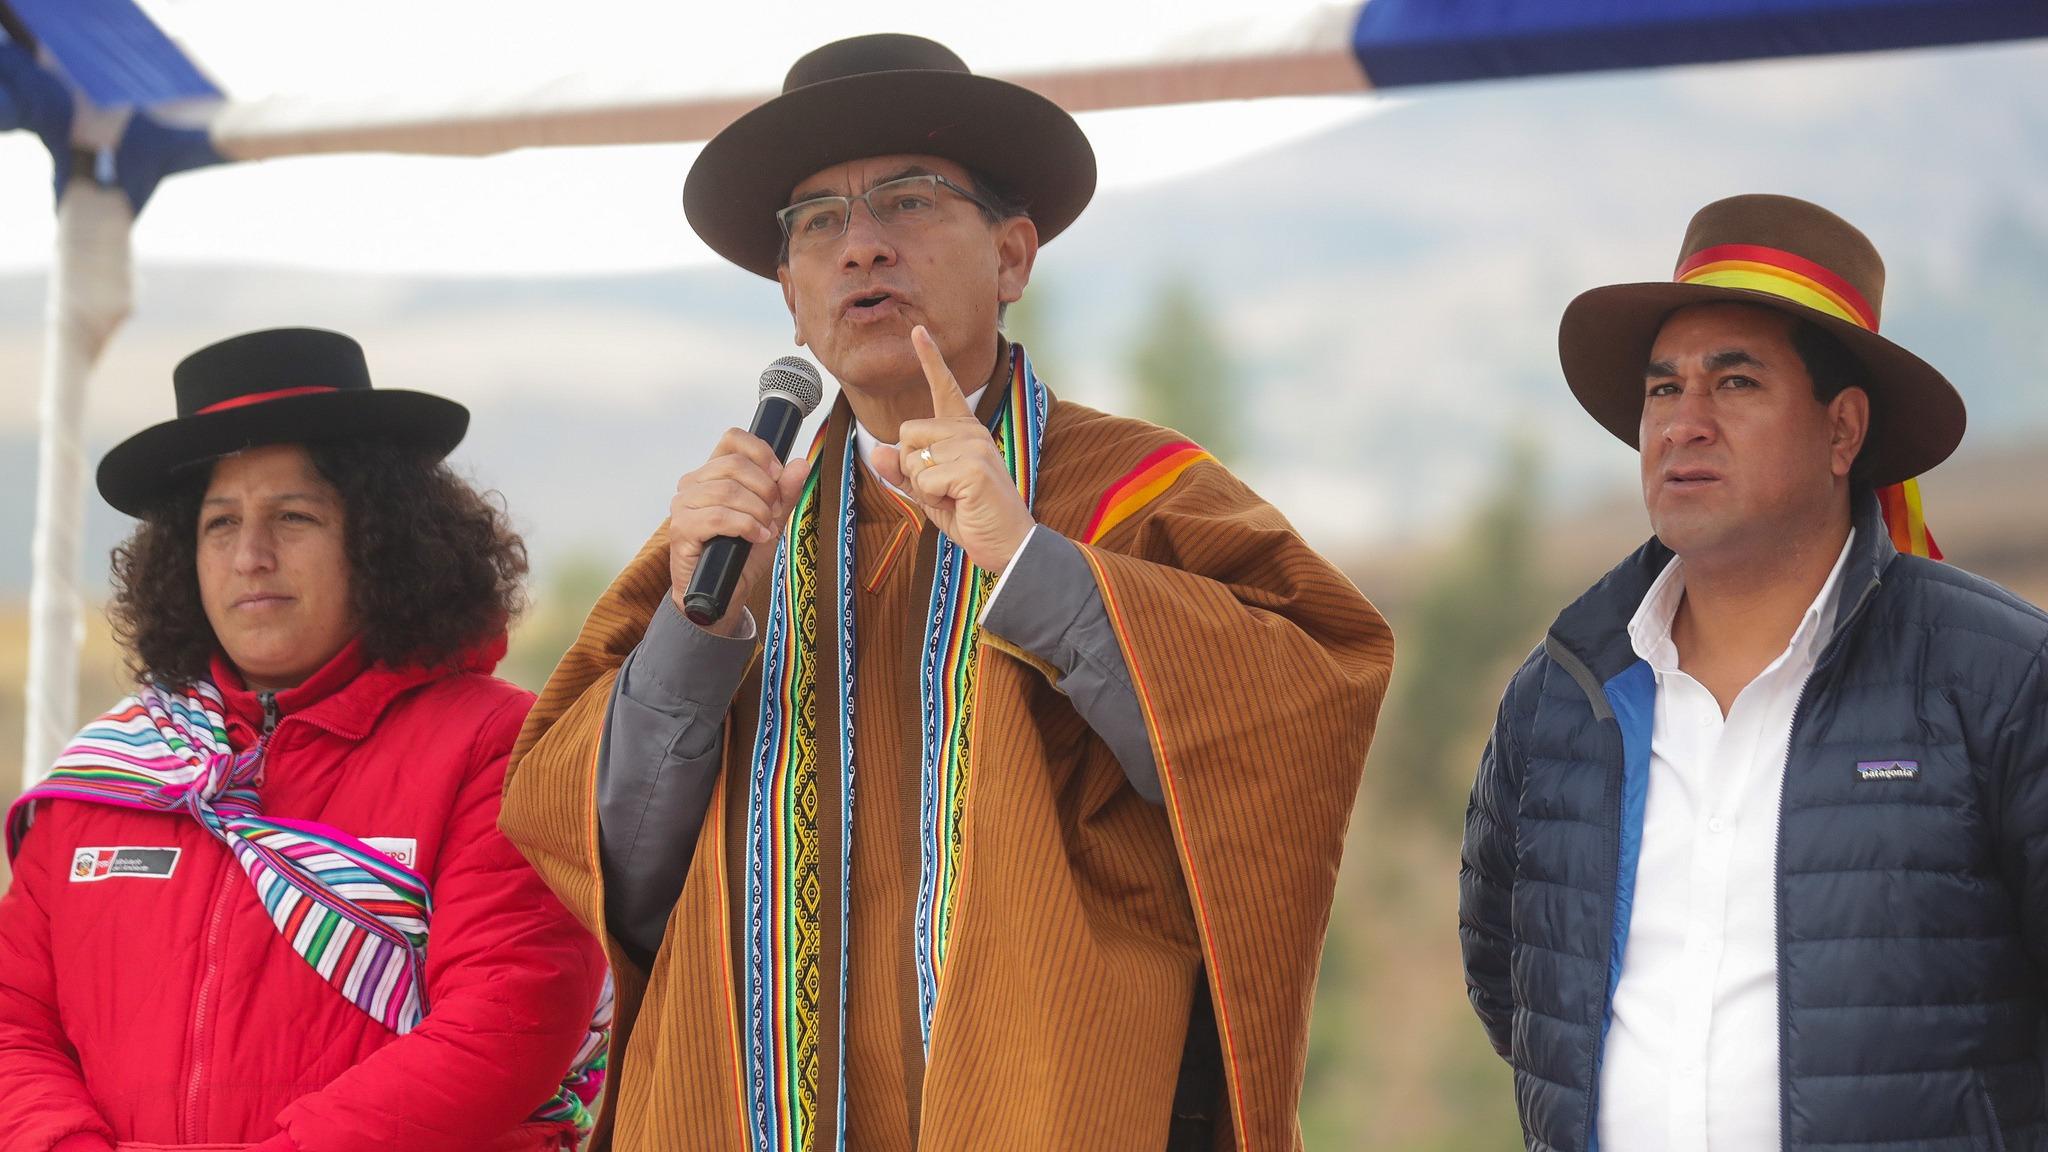 El presidente de la República se encuentra en Andahuaylas inspeccionando las obras de saneamiento.